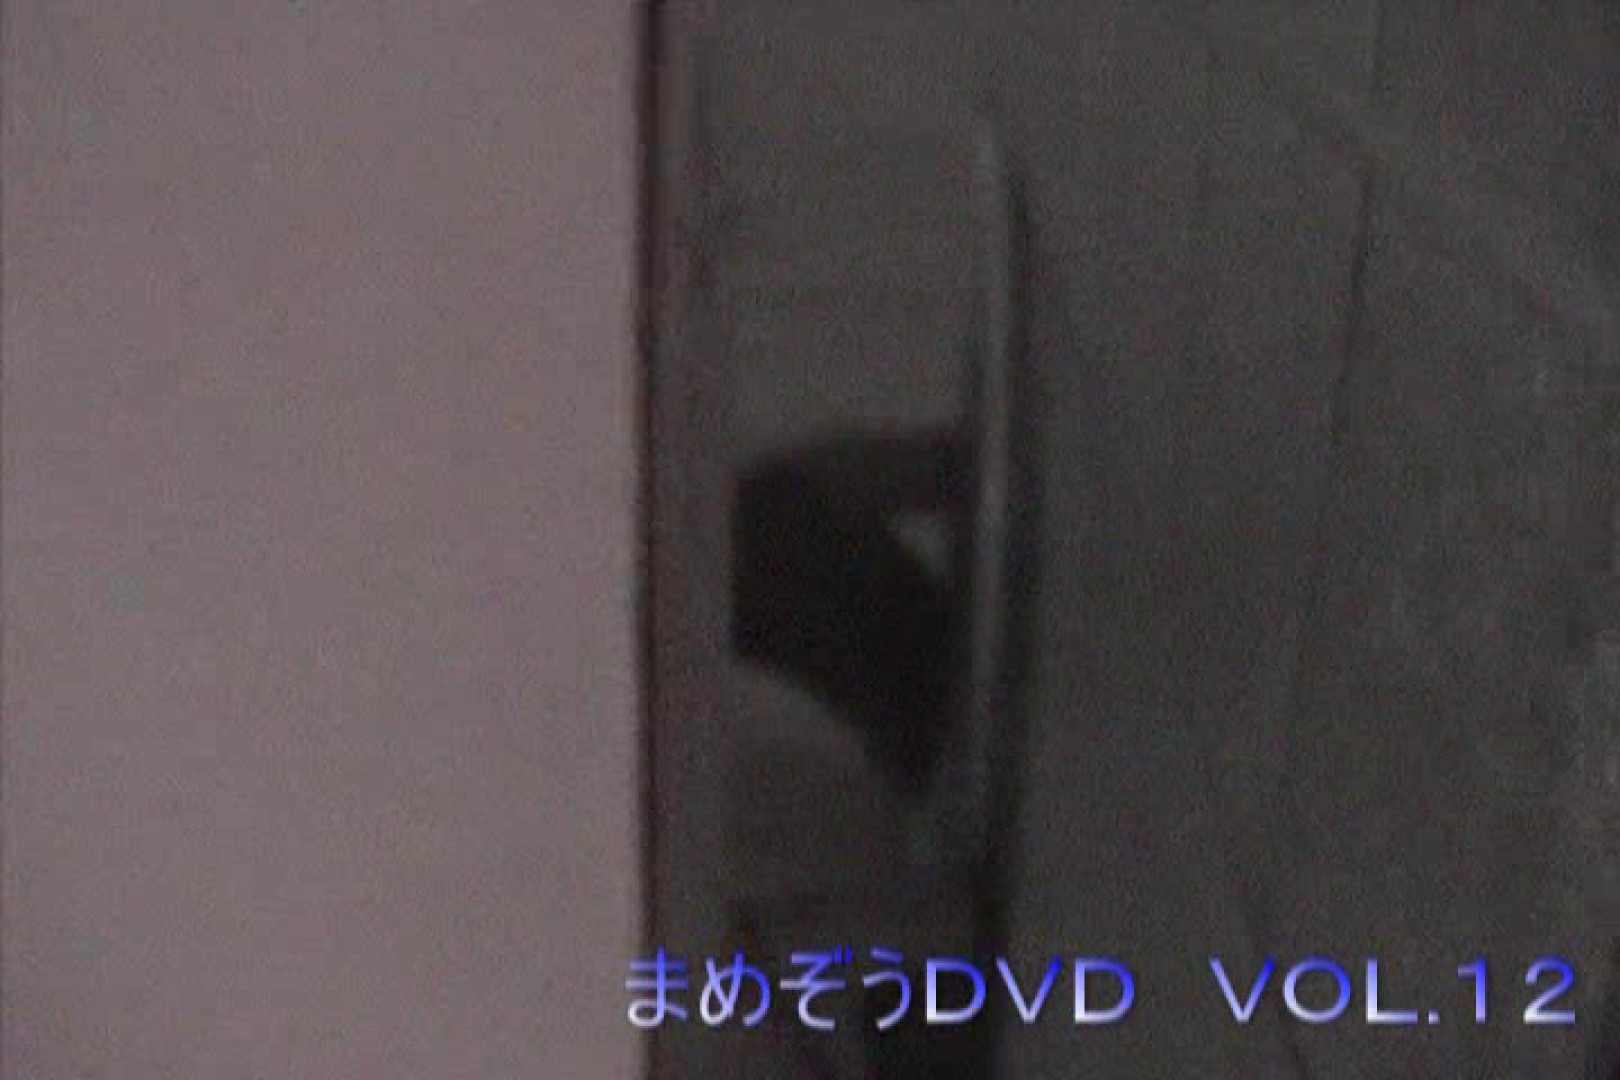 まめぞうDVD完全版VOL.12 ギャル | エッチすぎるOL達  55連発 37